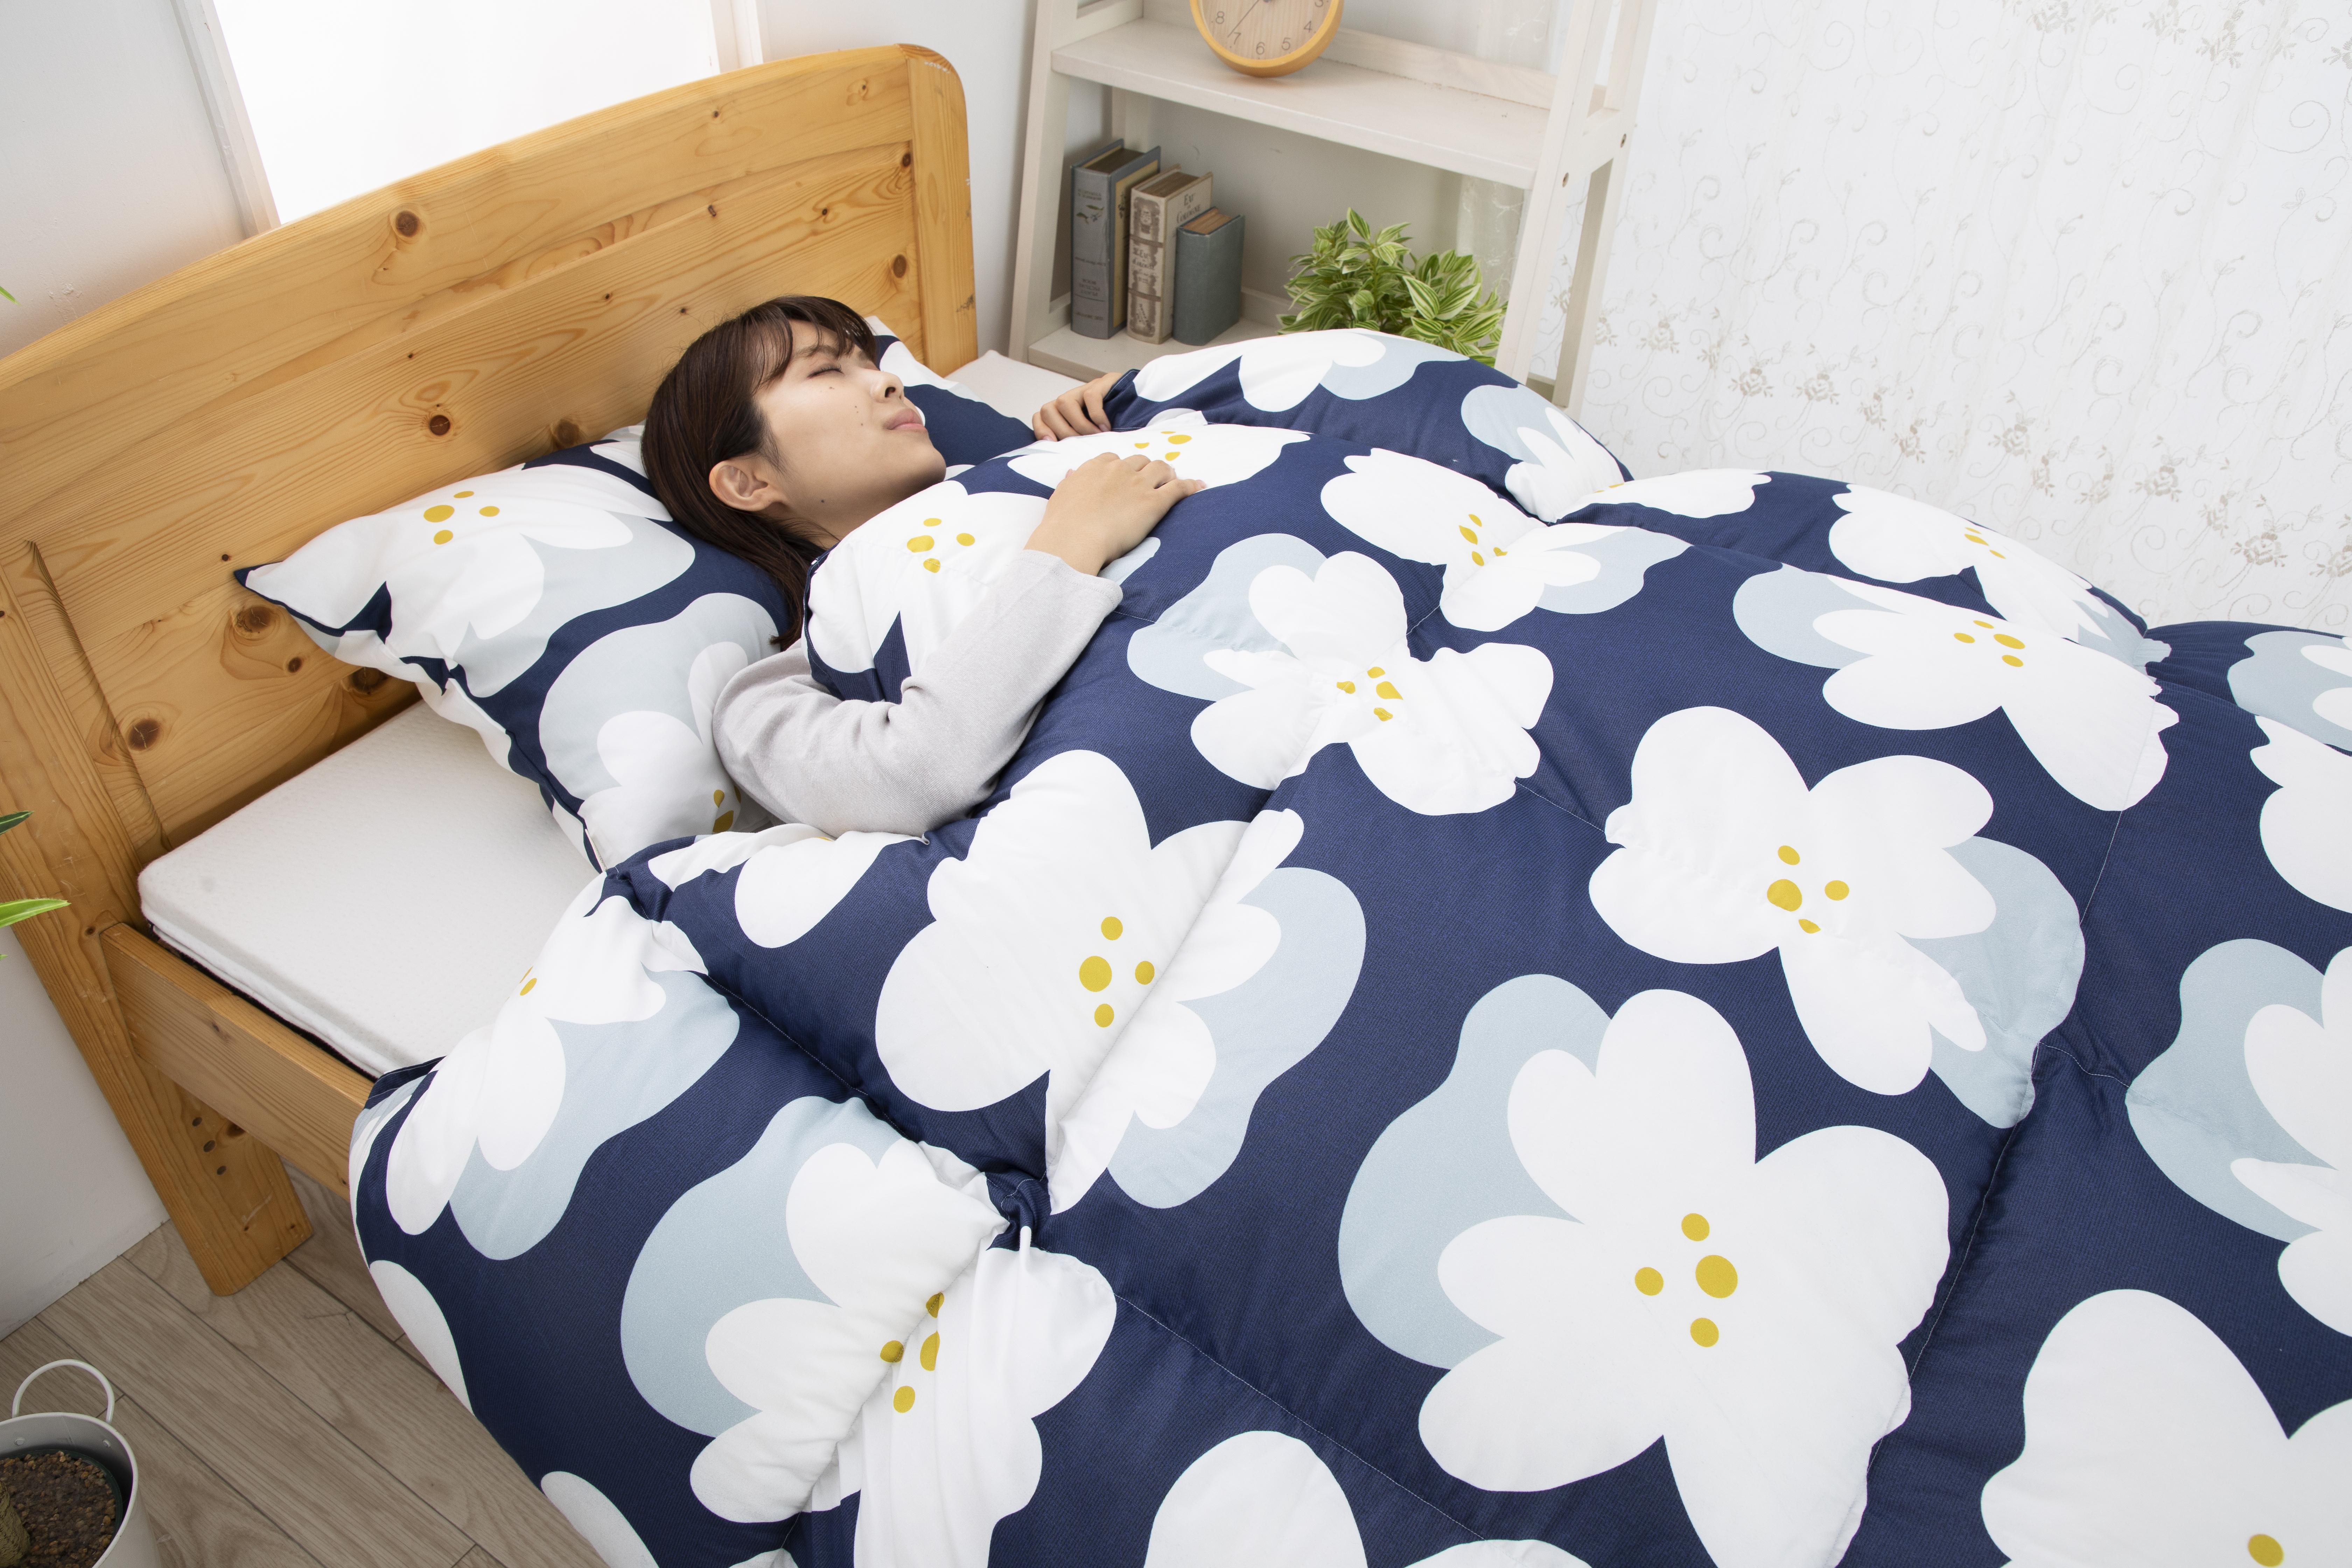 ベッドのダブルサイズを購入する前に知っておいて欲しいこと!